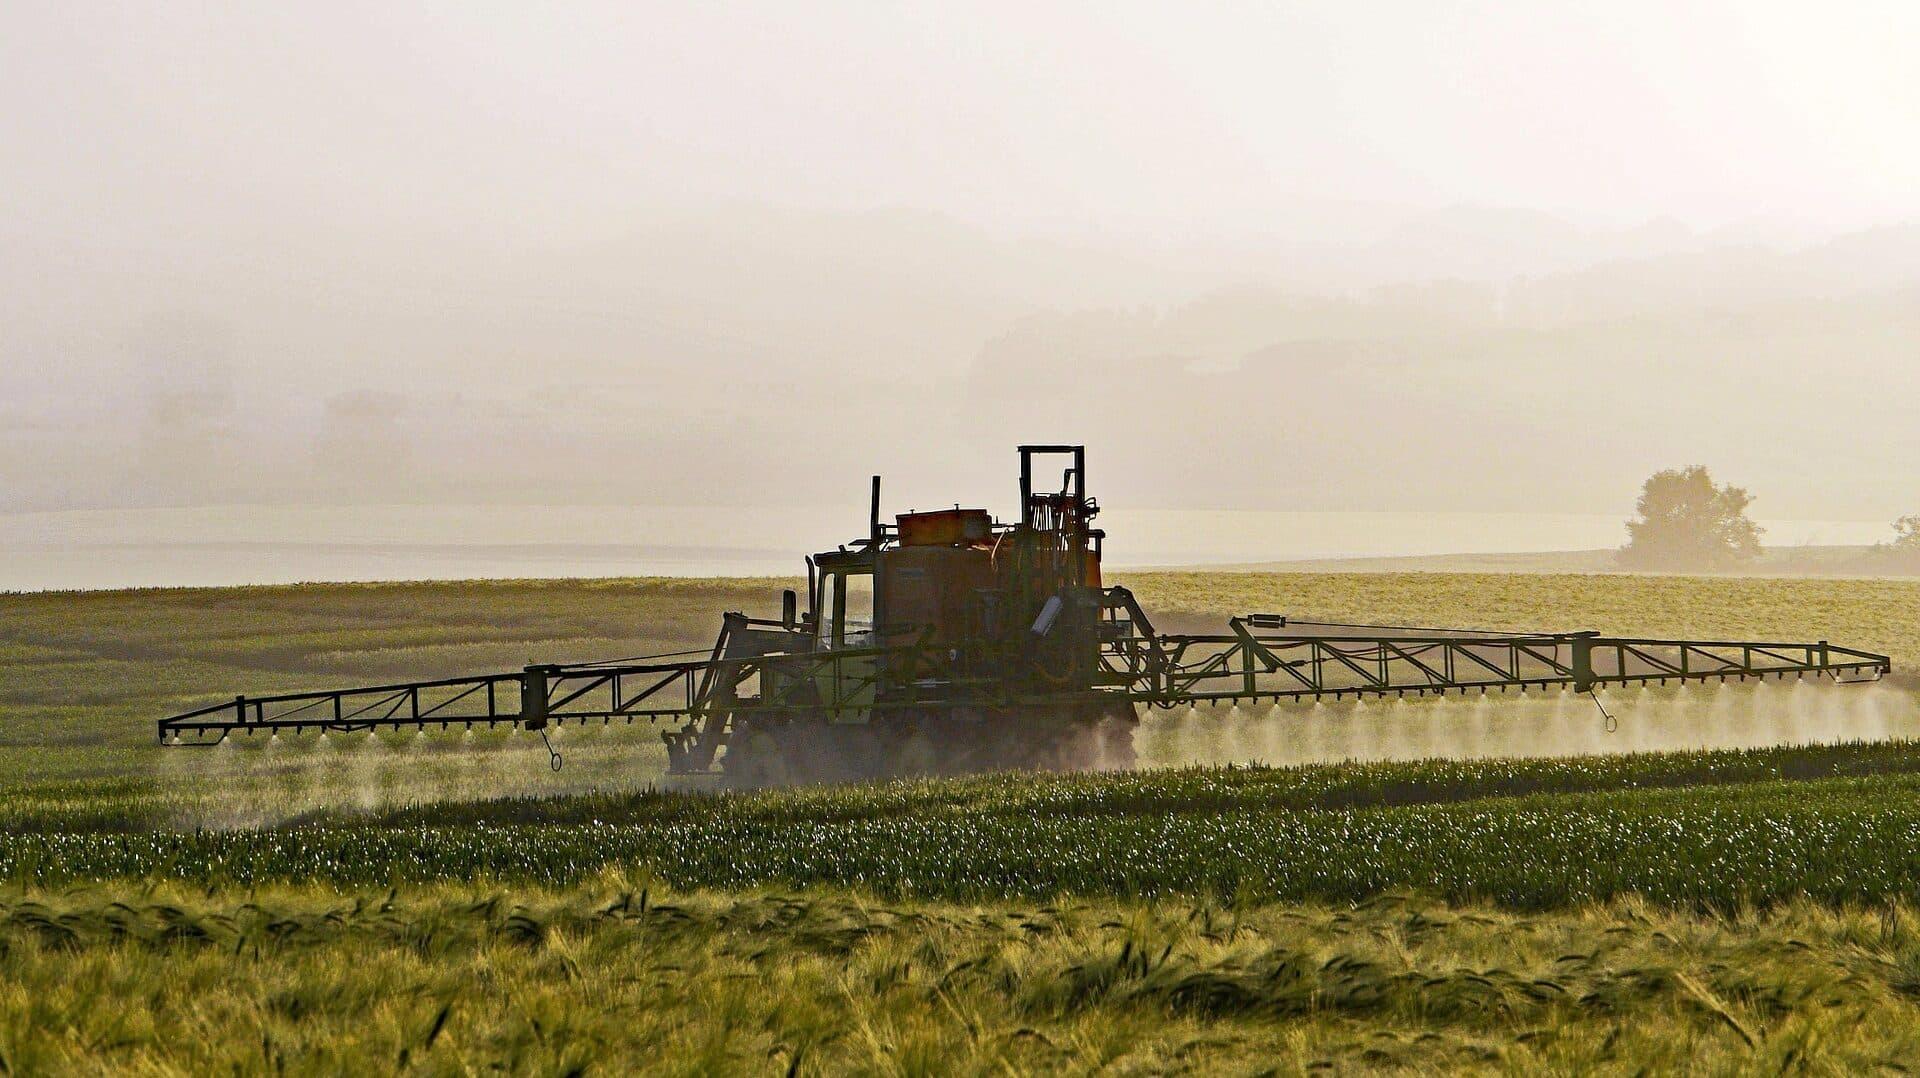 Landwirtschaftsmaschine beim Ausgeben von Pflanzenschutzmitteln